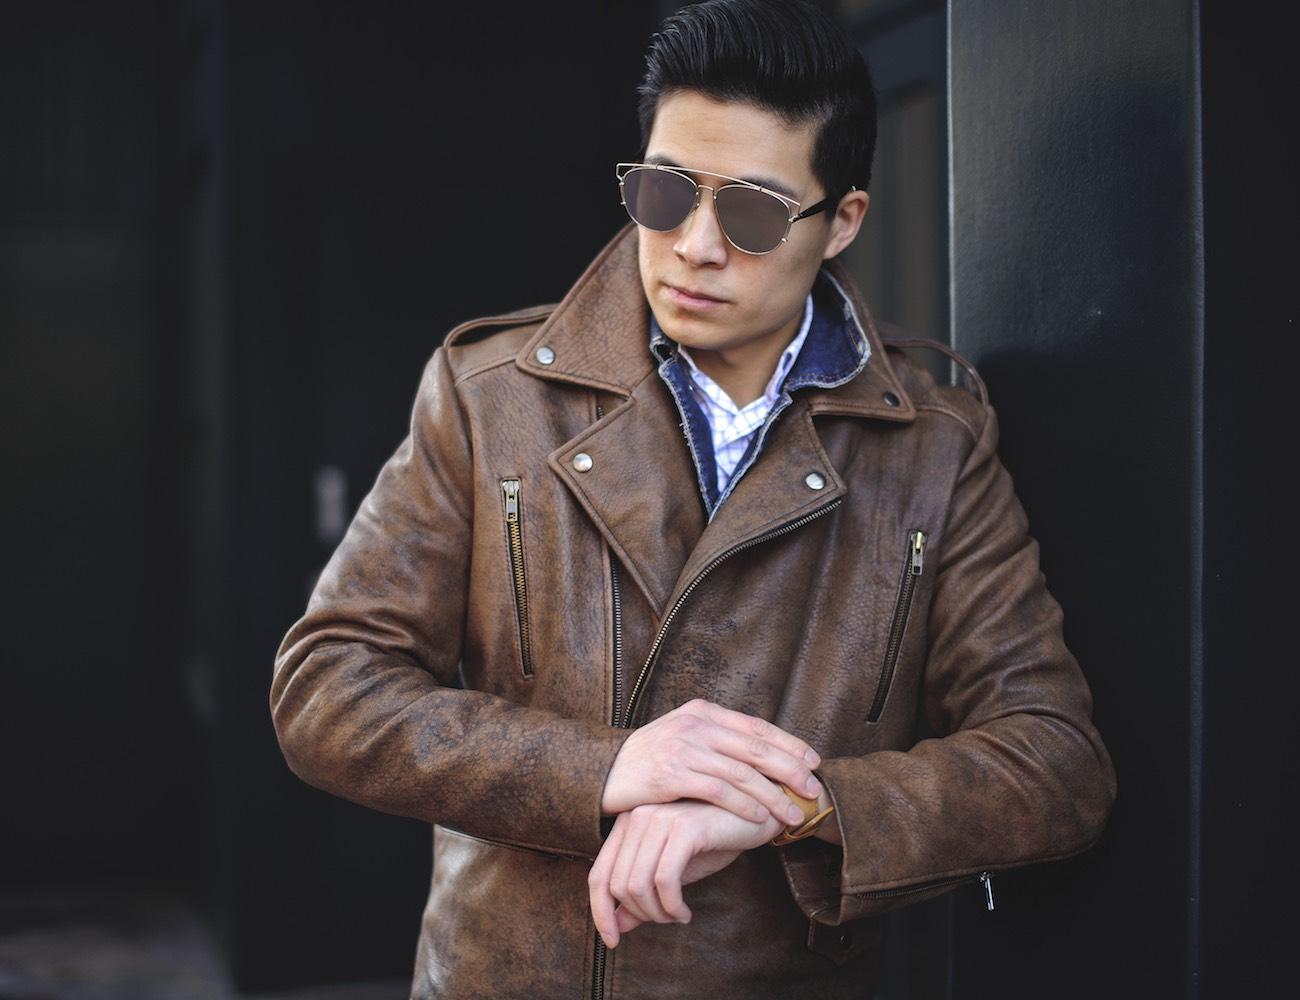 Любители красивых кожаных курток должны быть готовы к тому, что такая вещь в гардеробе потребует много внимания и забот